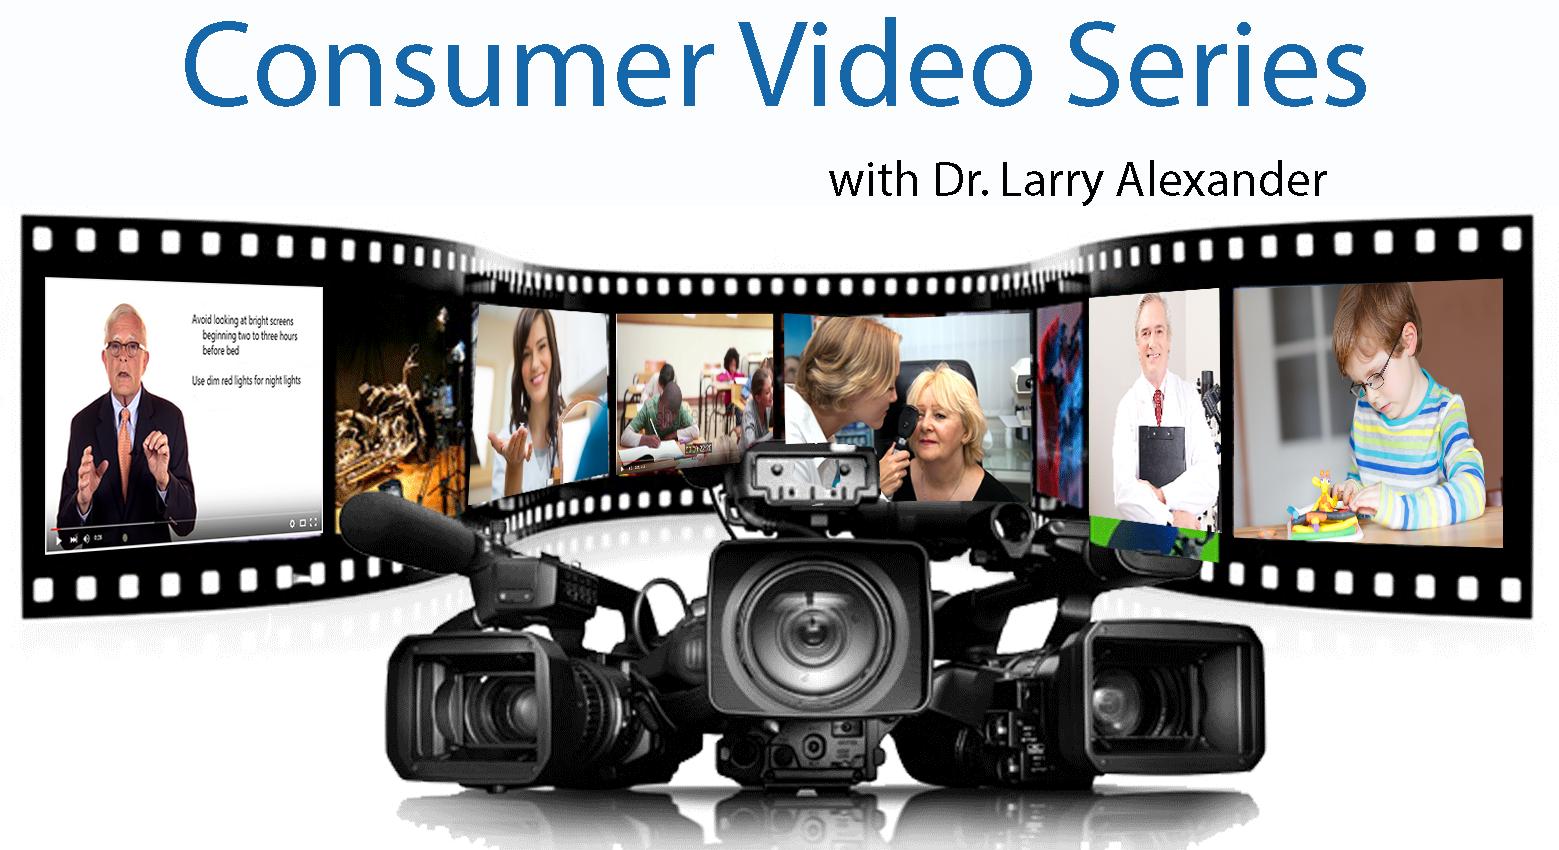 Video_series_header.png